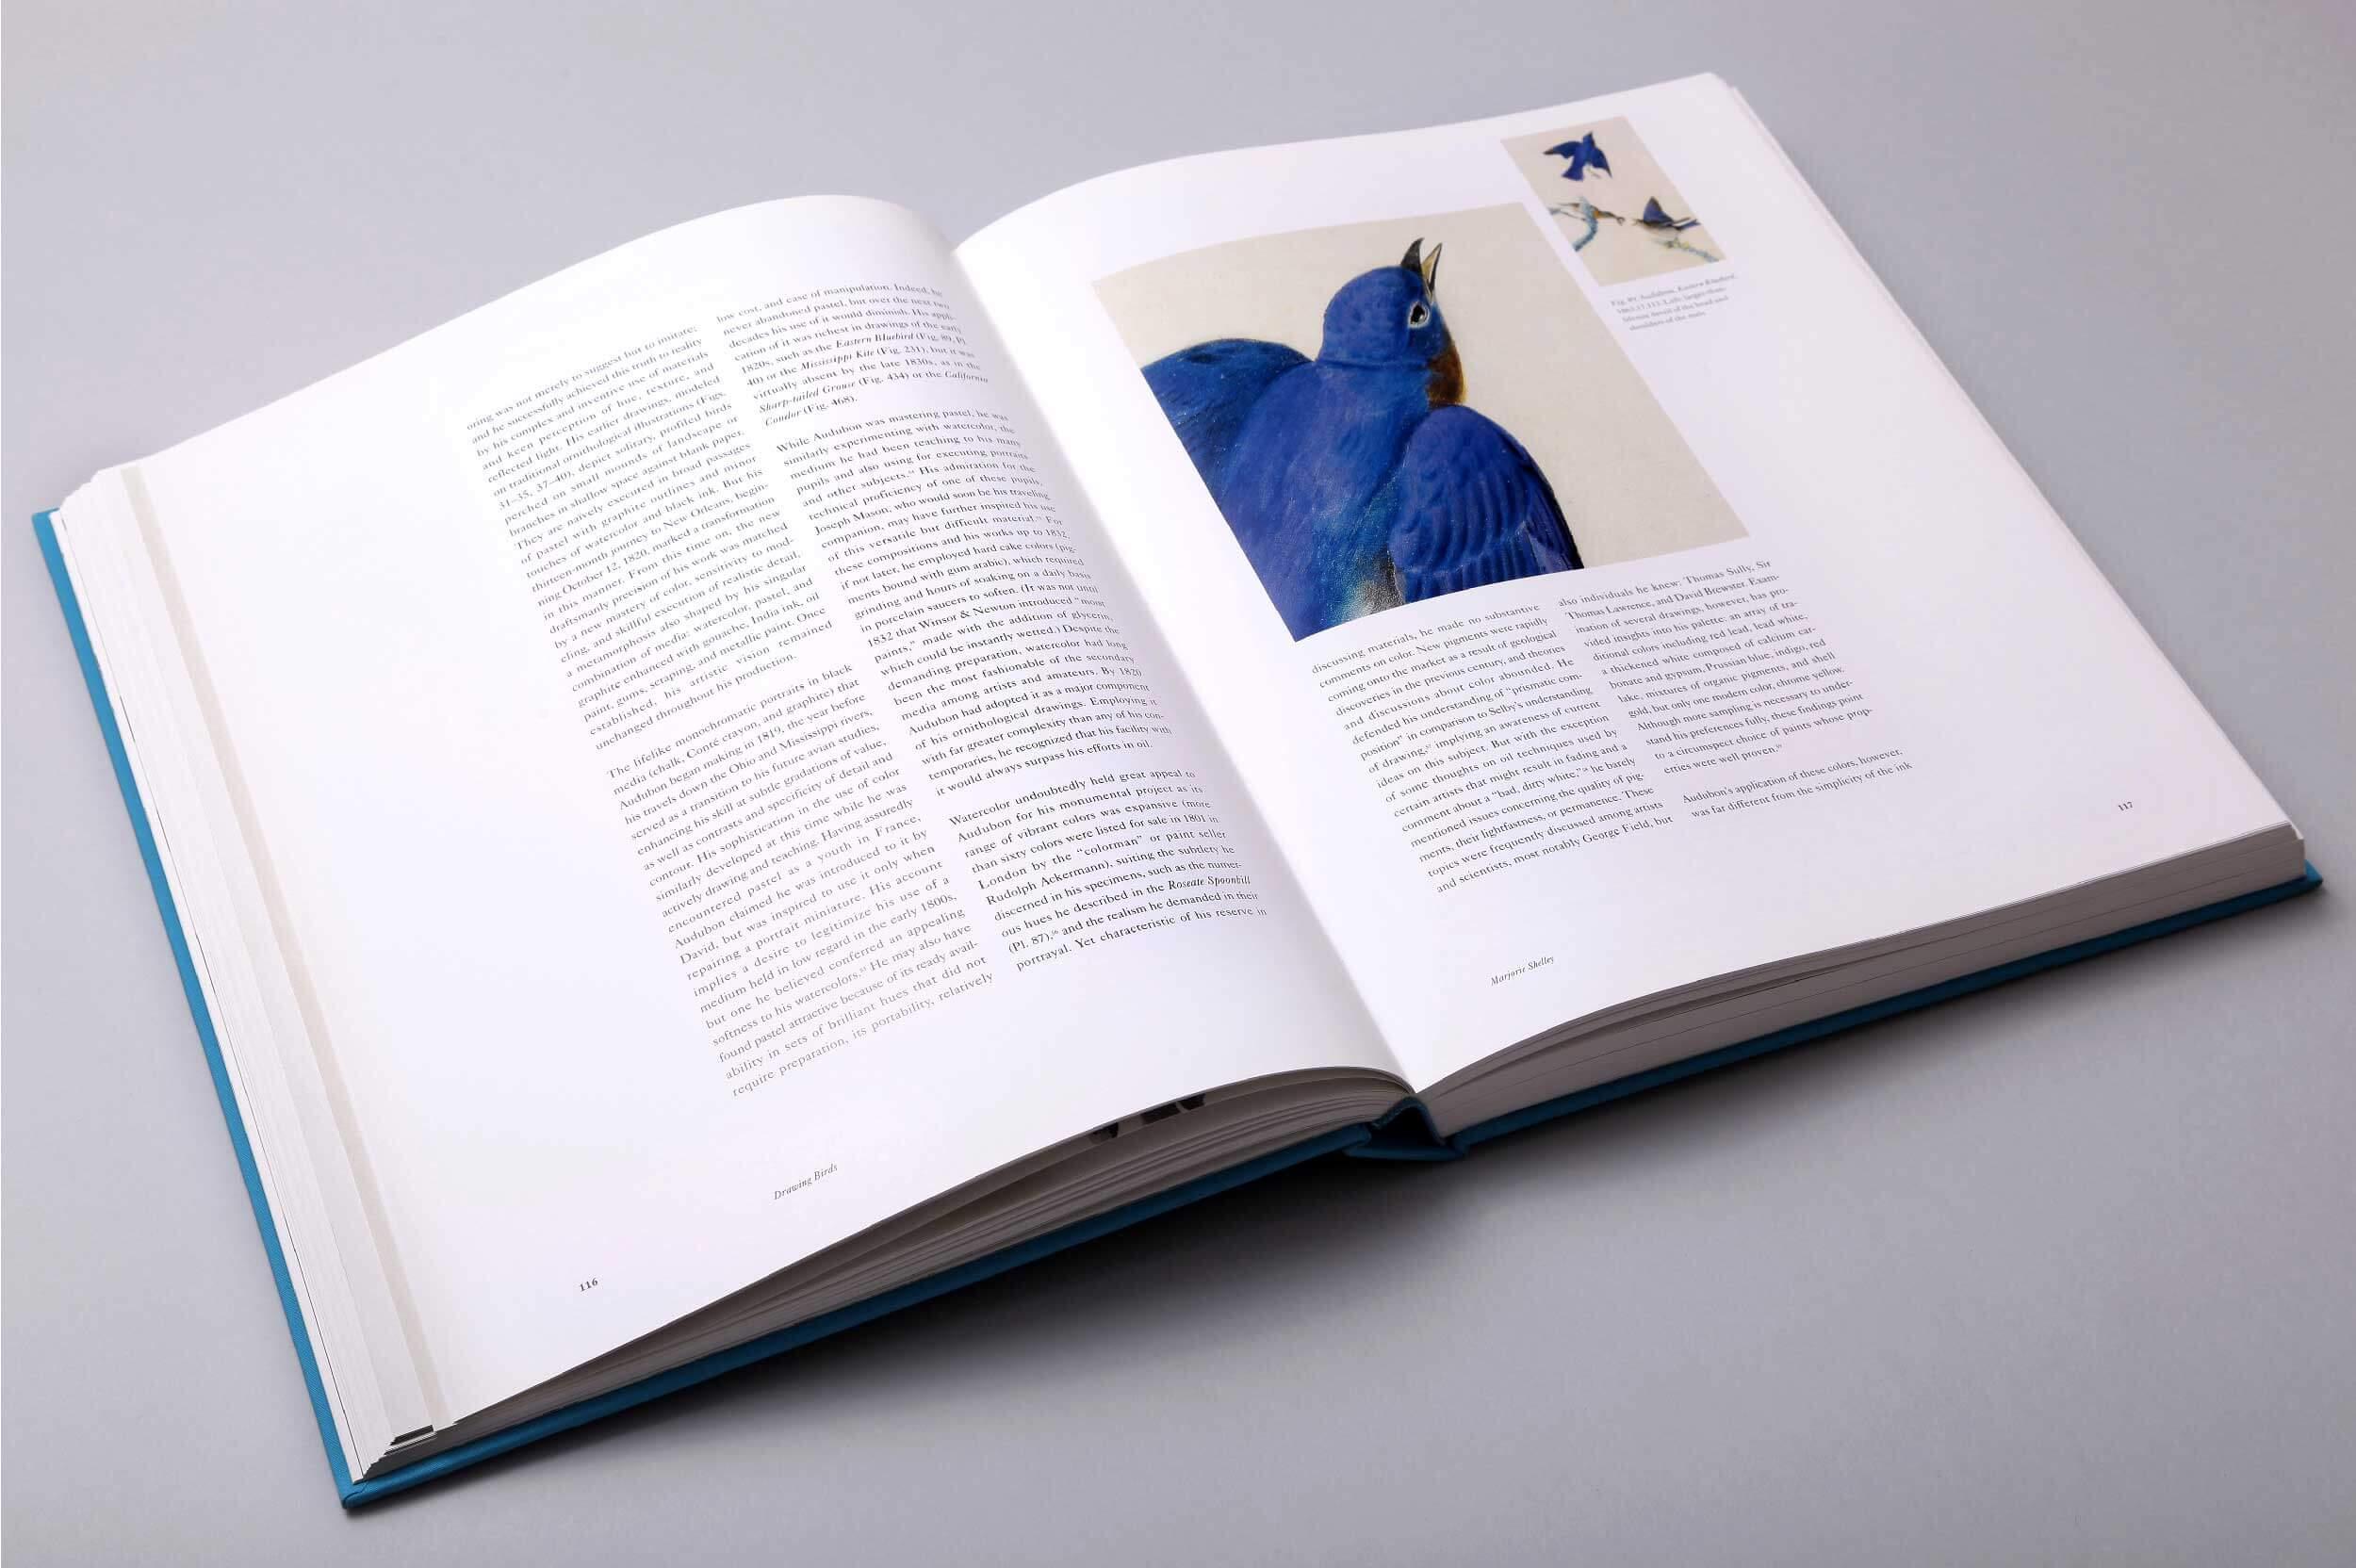 audubons-aviary-5